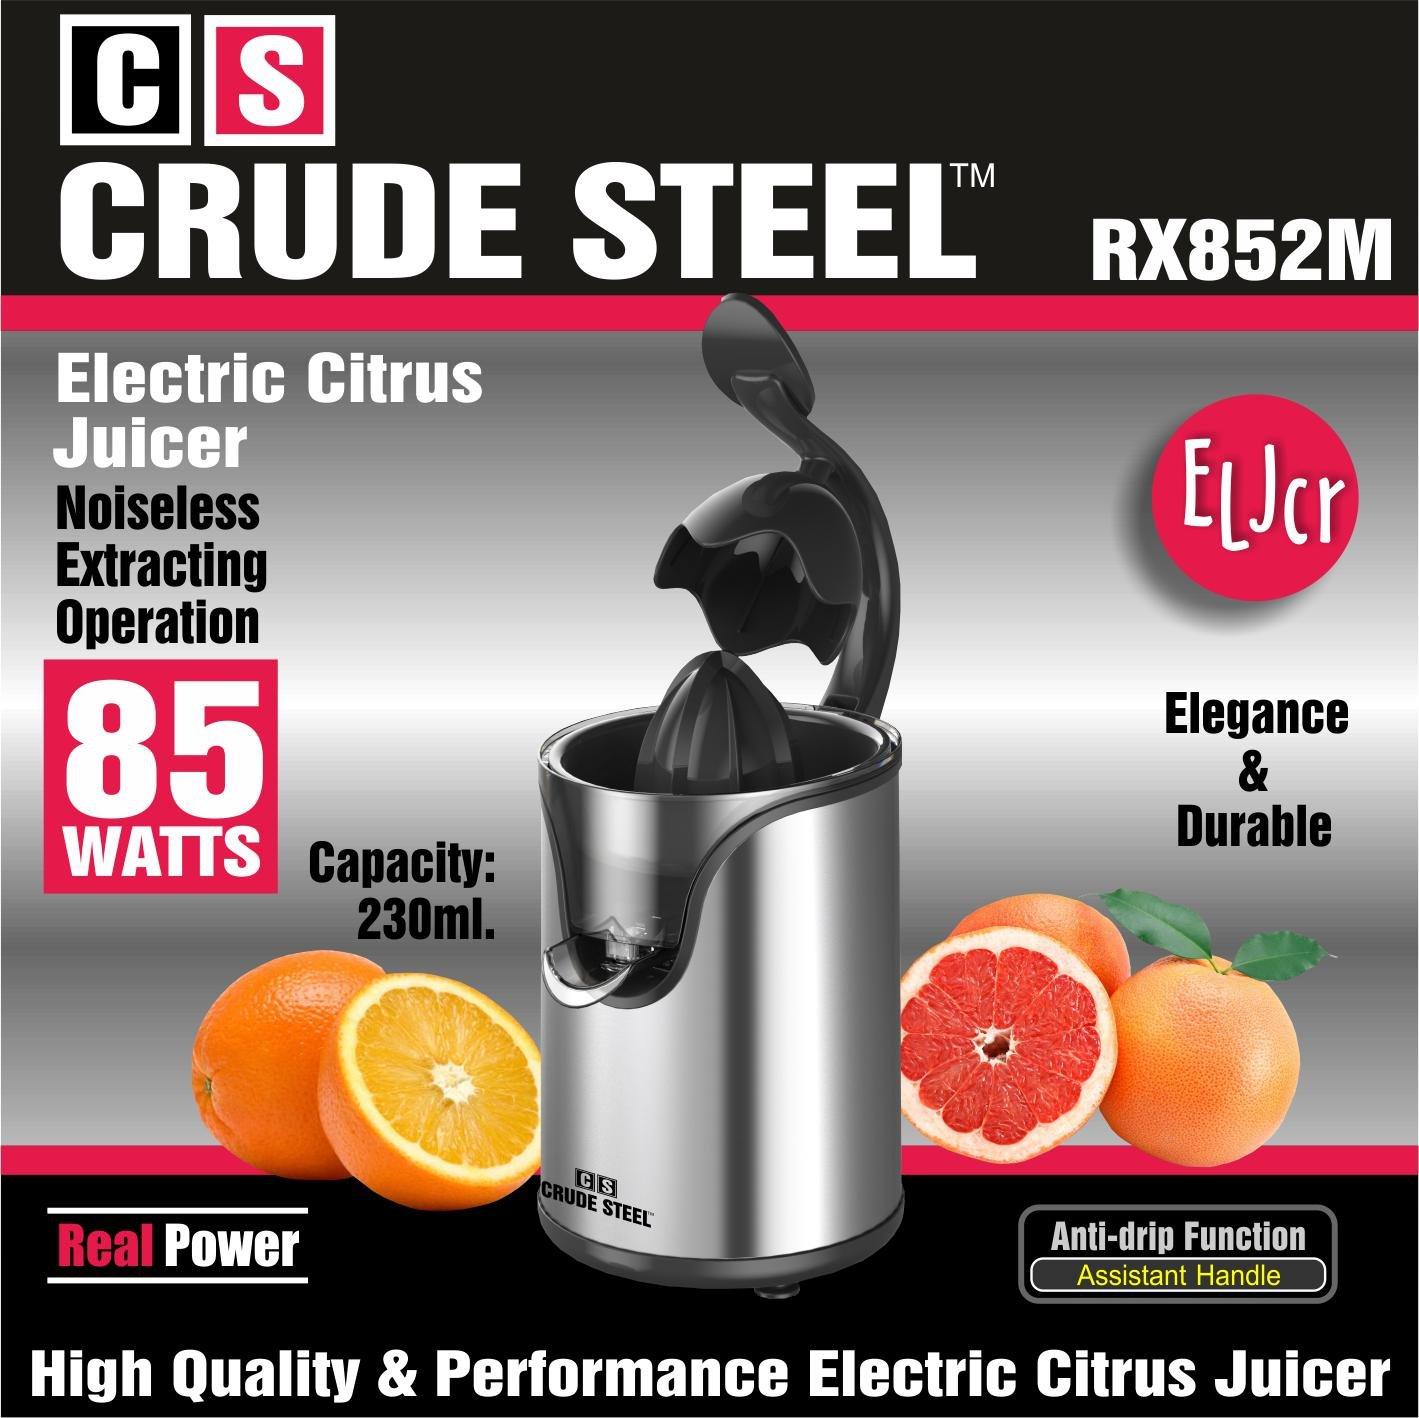 CRUDE STEEL™ Exprimidor Eléctrico 85W / Bajo Nivel de Ruido / Con Brazo Ayudante / RX852M: Amazon.es: Hogar